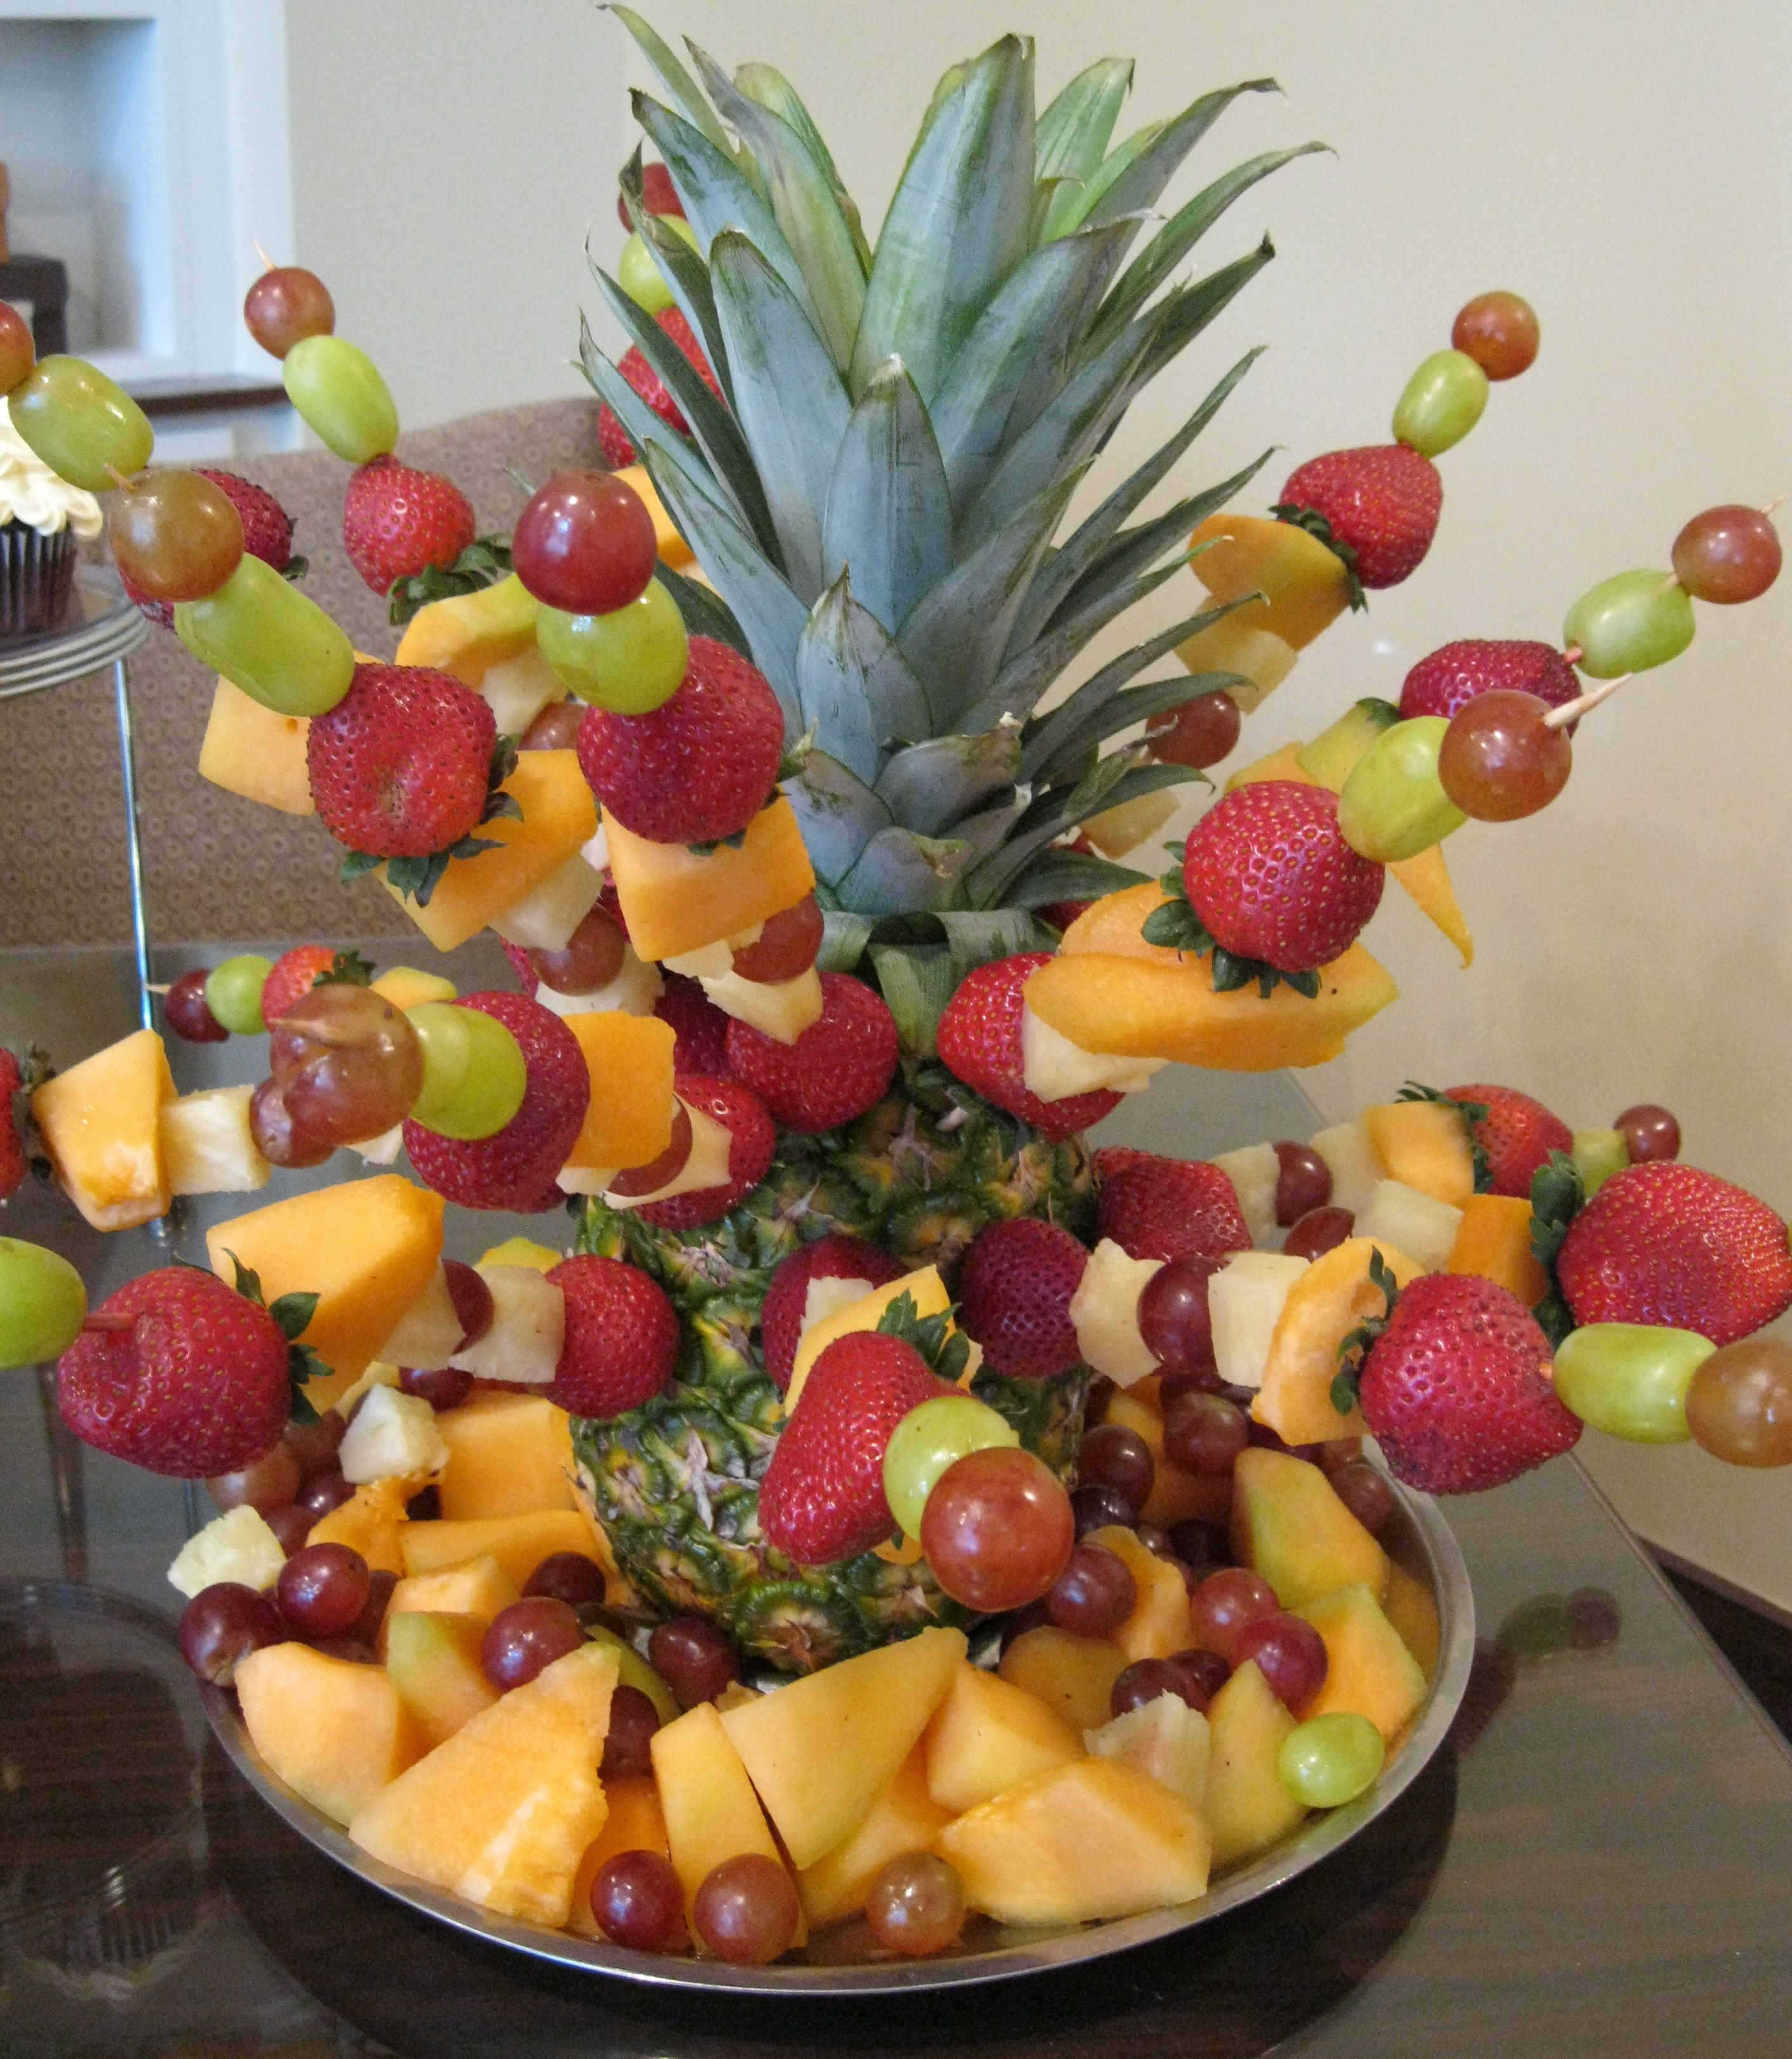 попытки родить как красиво поставить фрукты на стол фото качеству